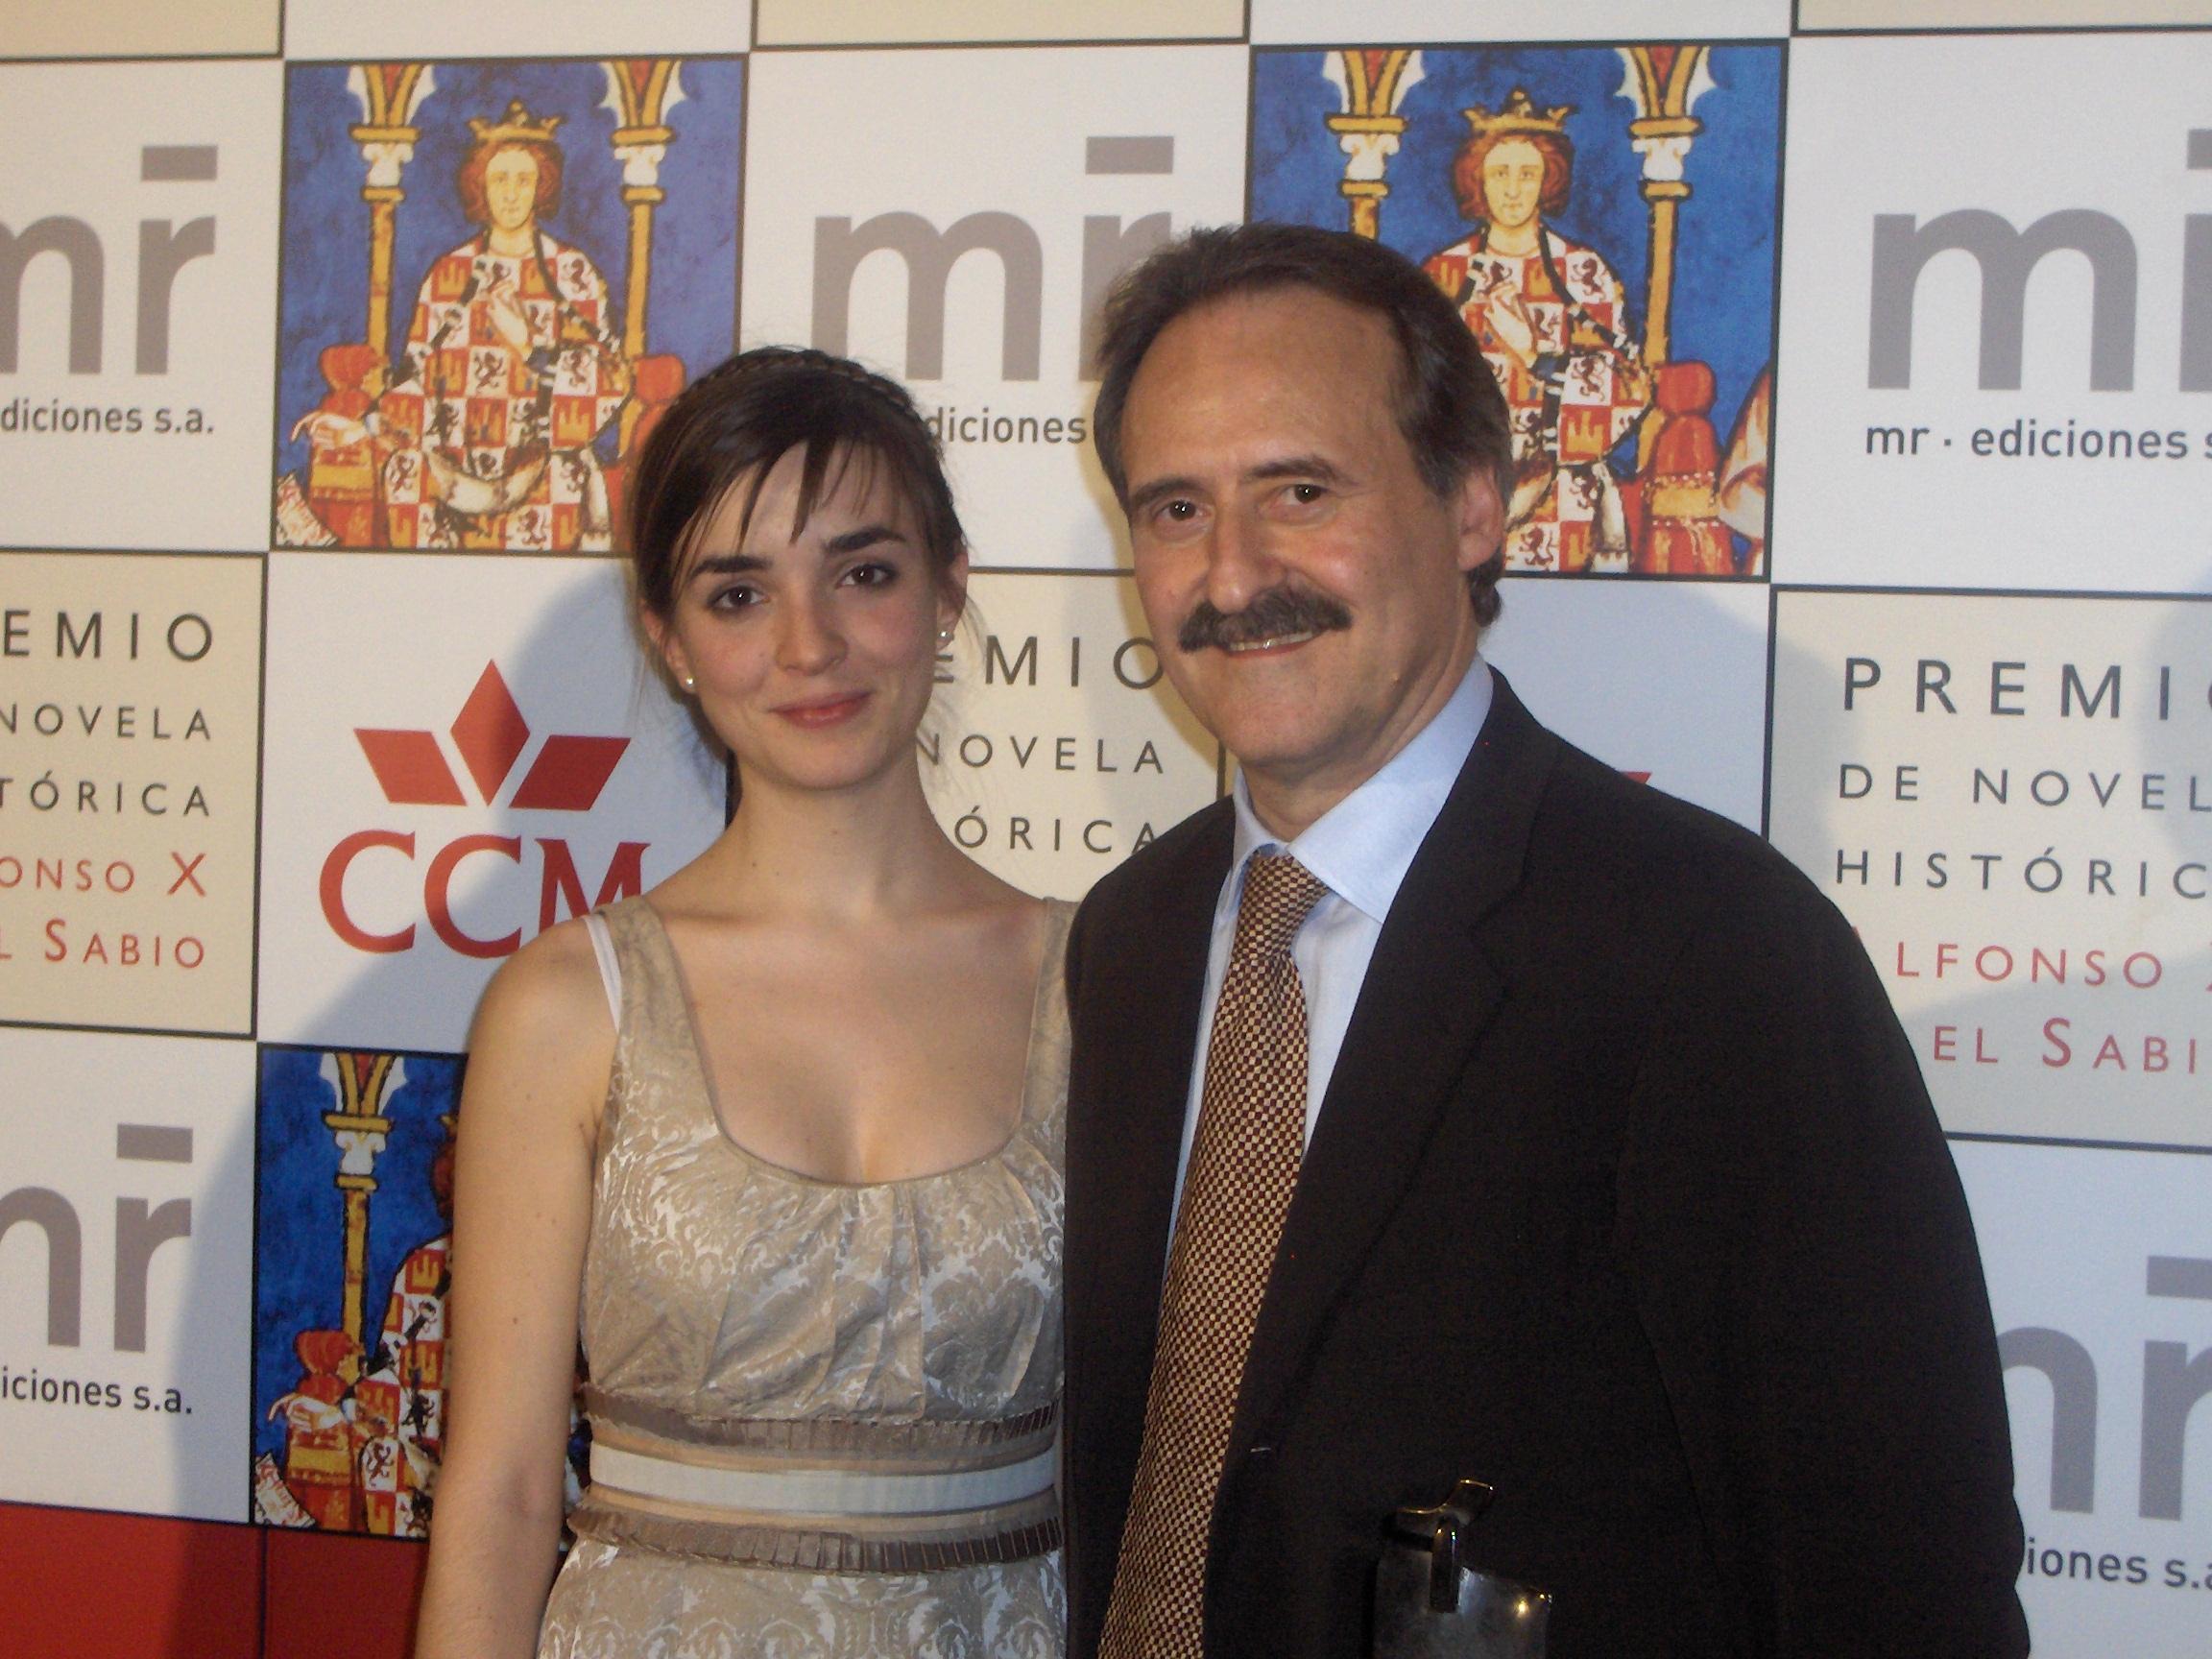 Premio Novela Historica Alfonso